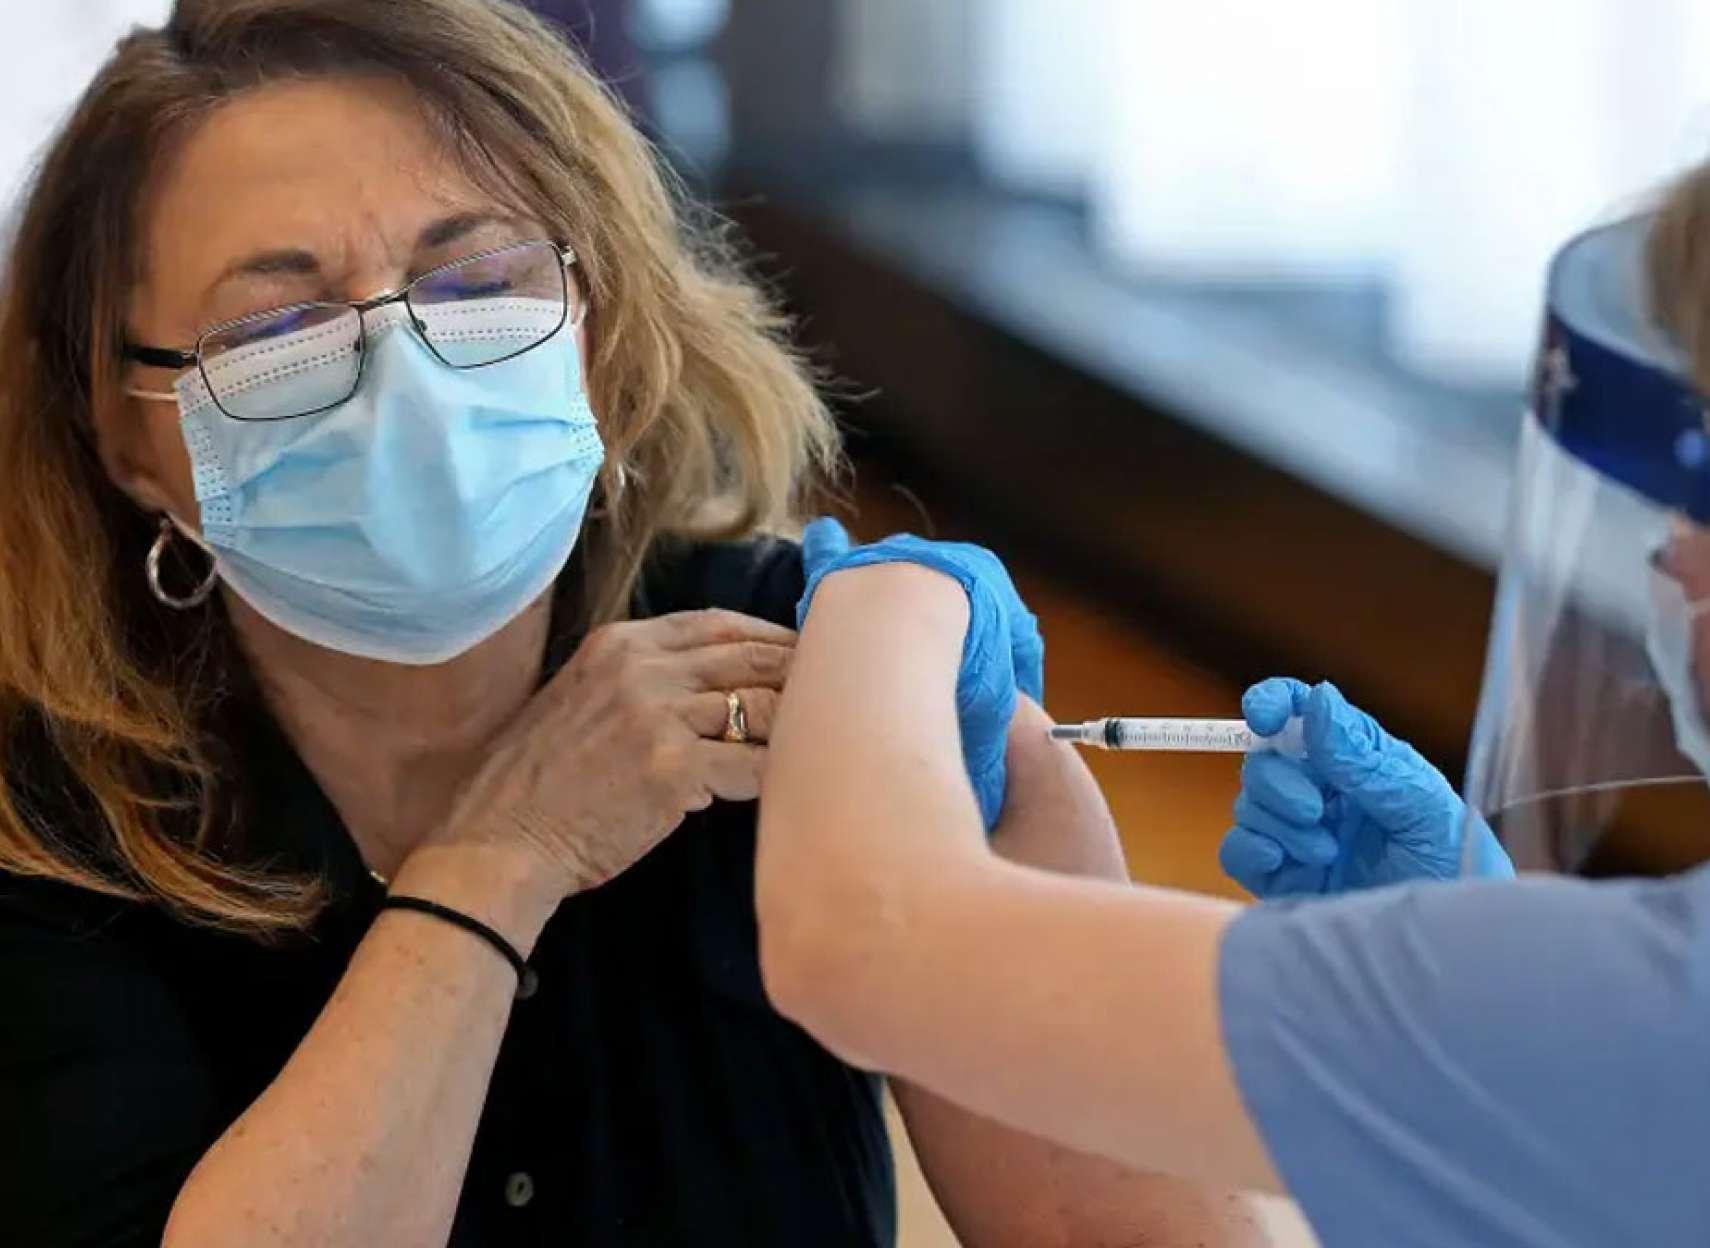 علمی-چرا-تاثیر-واکسن-روی-زنان-با-مردان-متفاوت-و-نگران-کننده-است